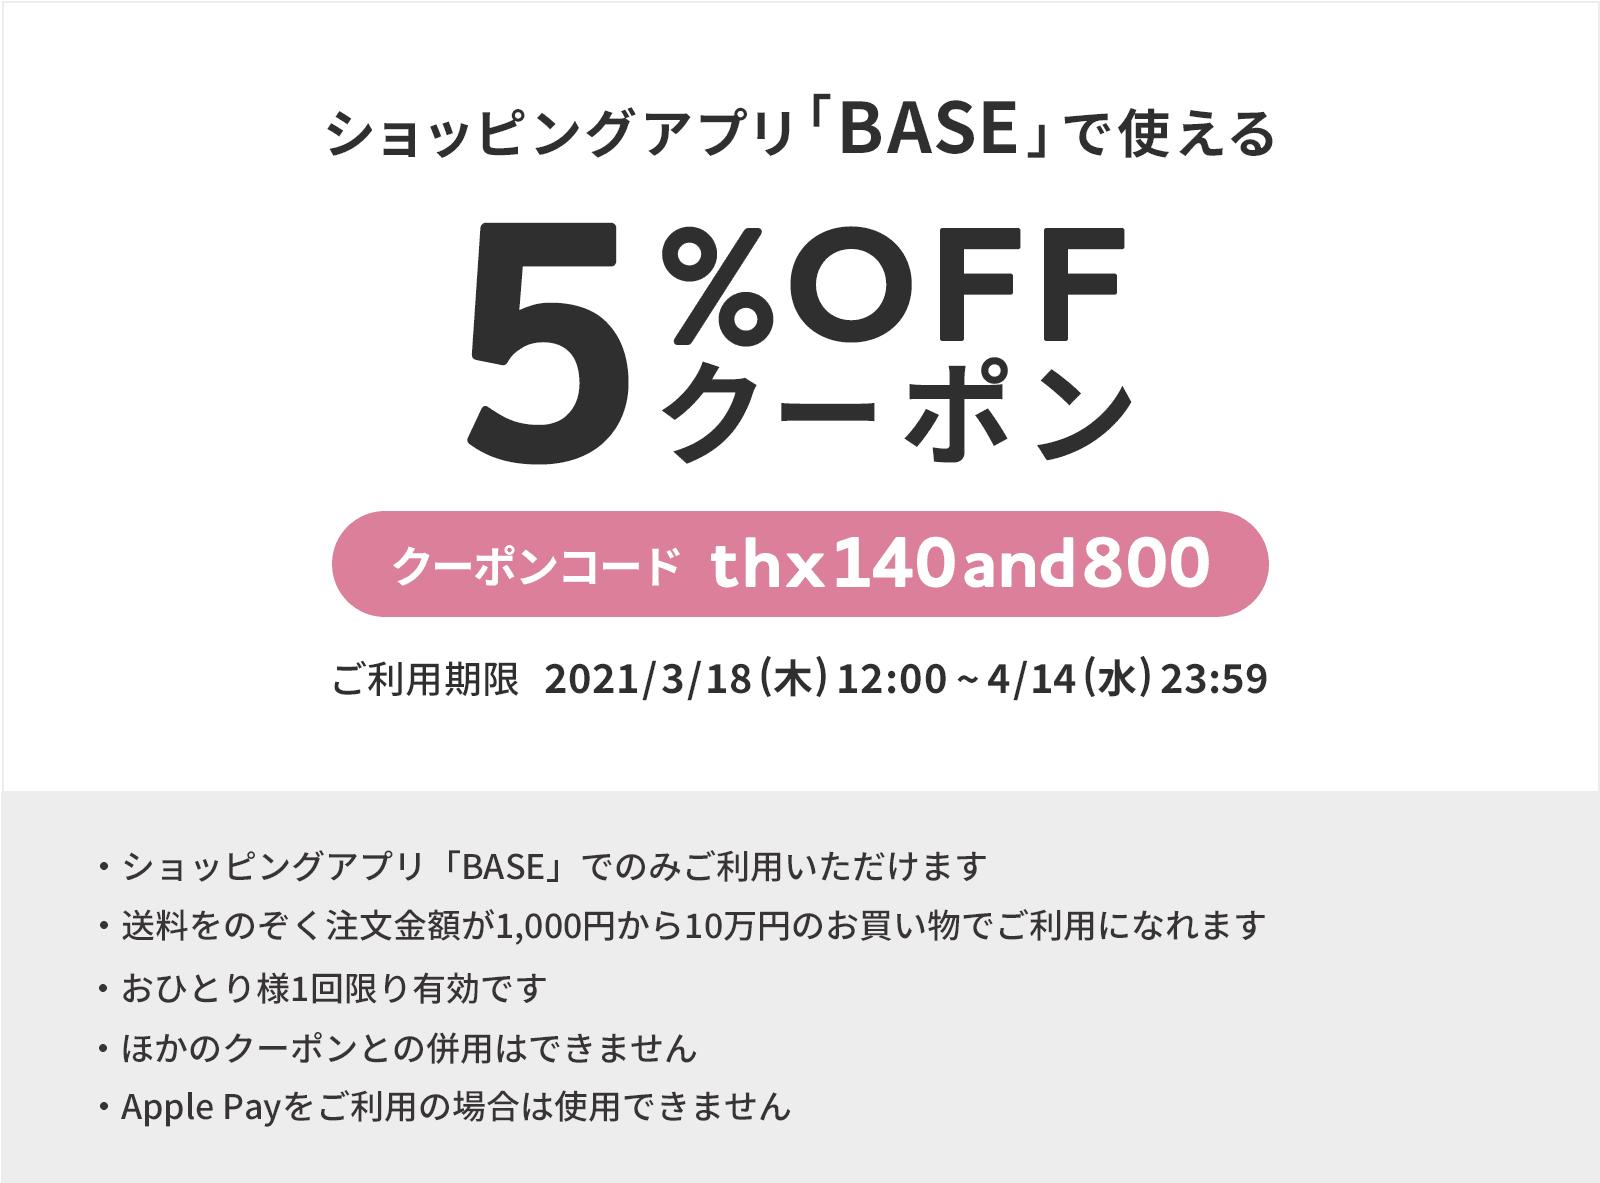 BASEショップでご利用いただける全品5%OFF ショッピングクーポンプレゼント☆